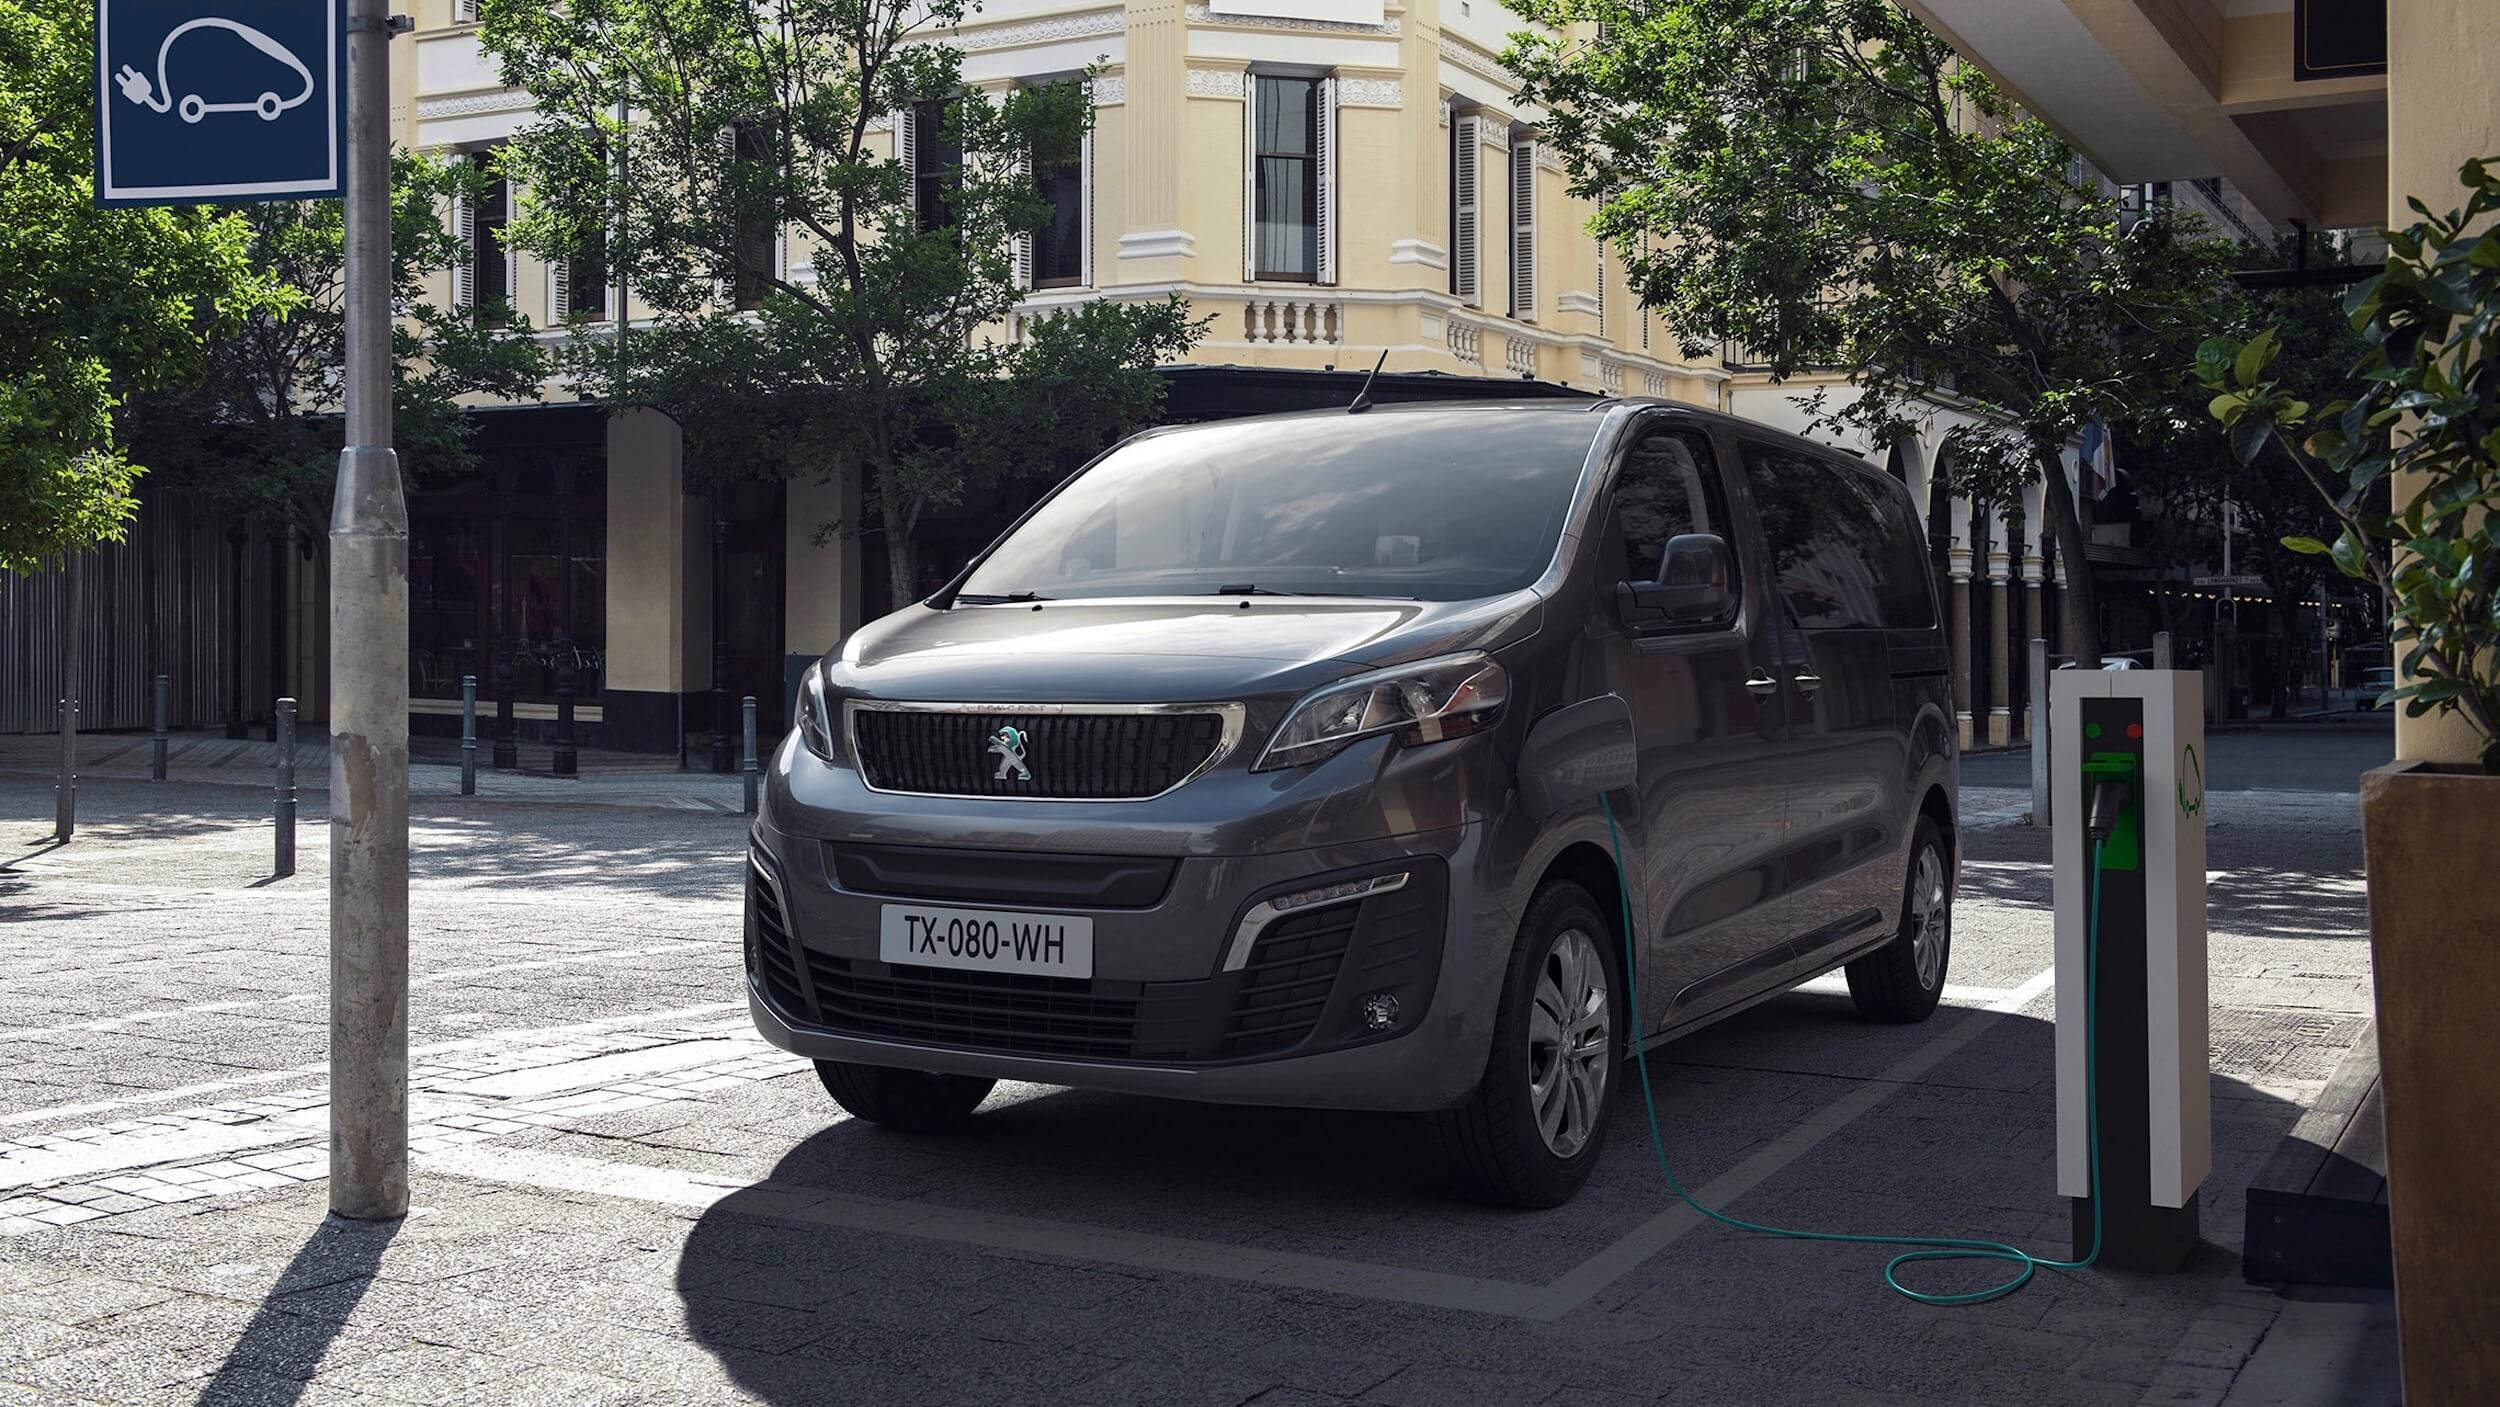 elektrische Peugeot minibus aan laadpaal